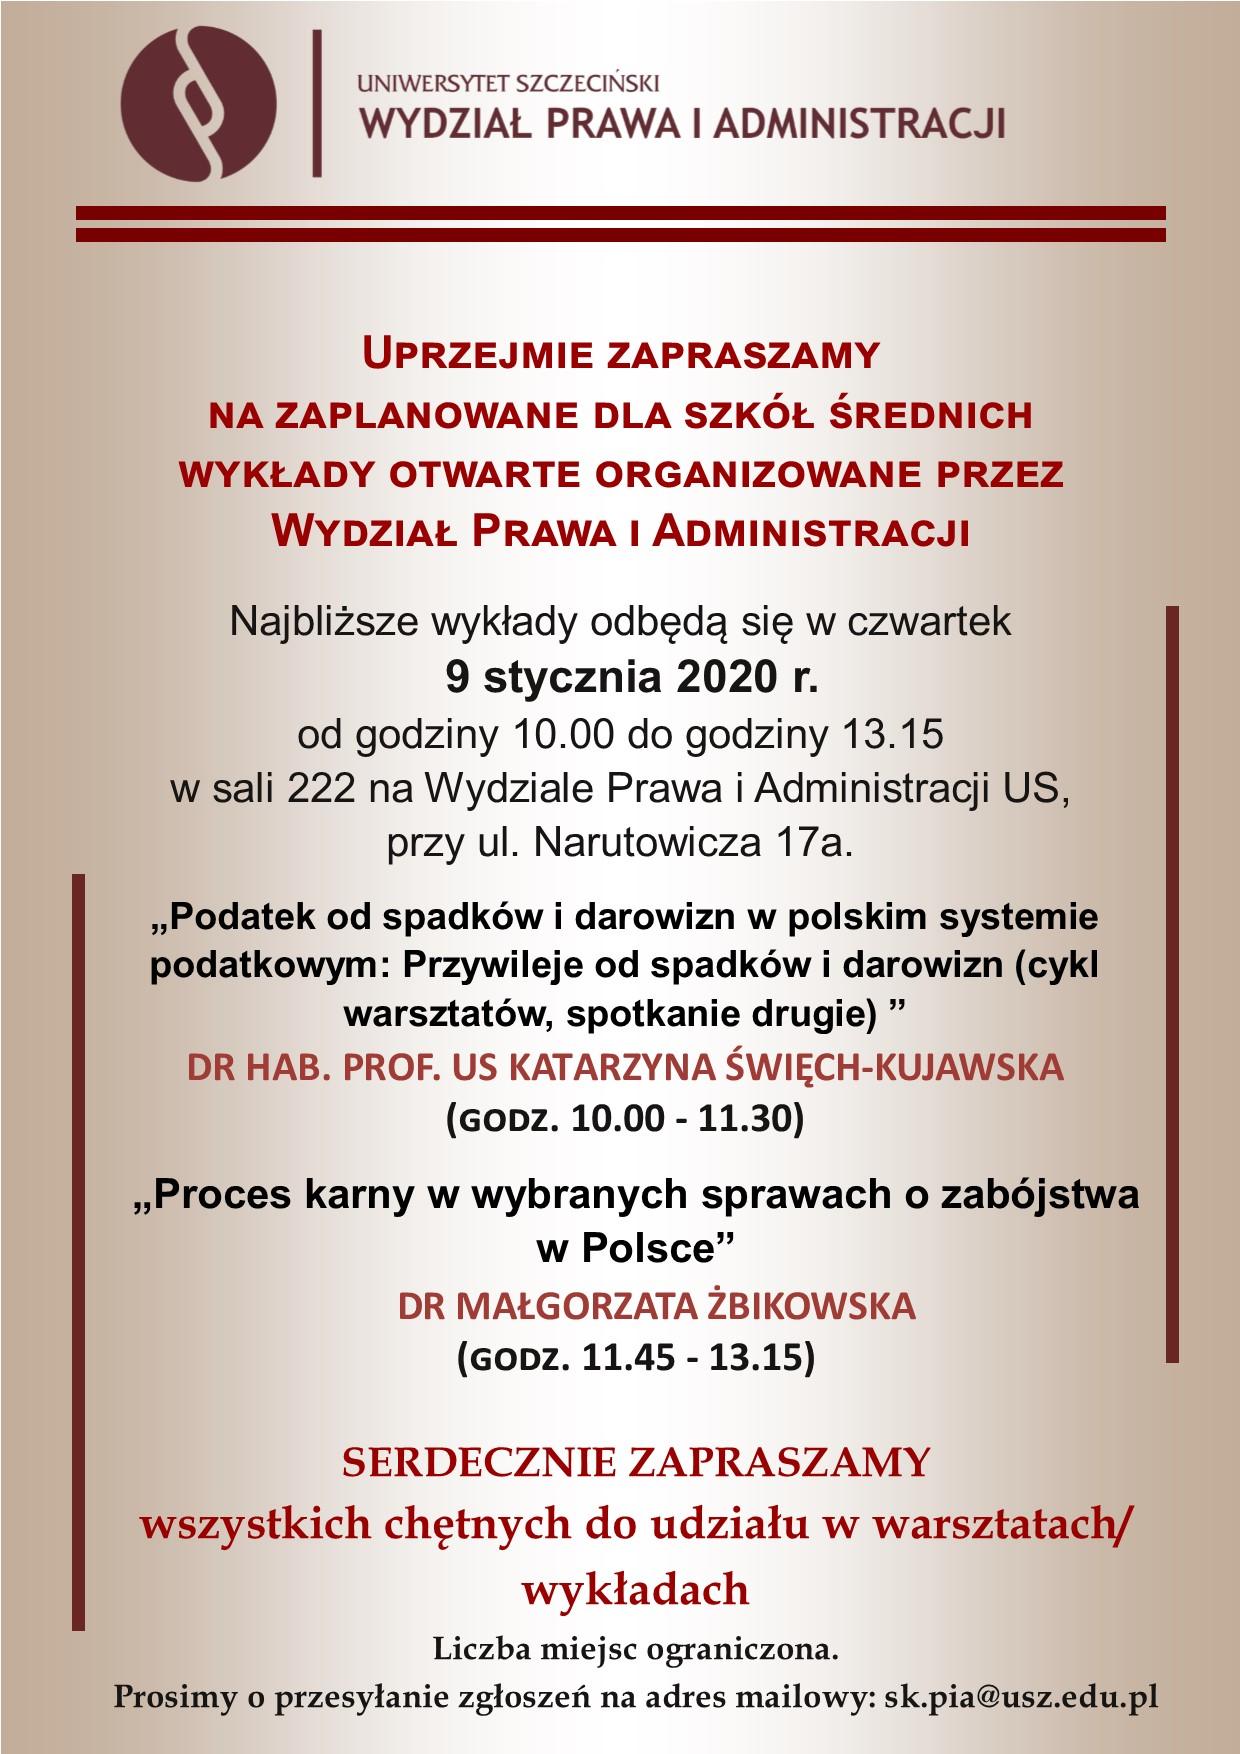 Wykłady na WPiA dla szkół średnich – 9 stycznia 2020 r. (czwartek, g. 10.00 – 13.15)